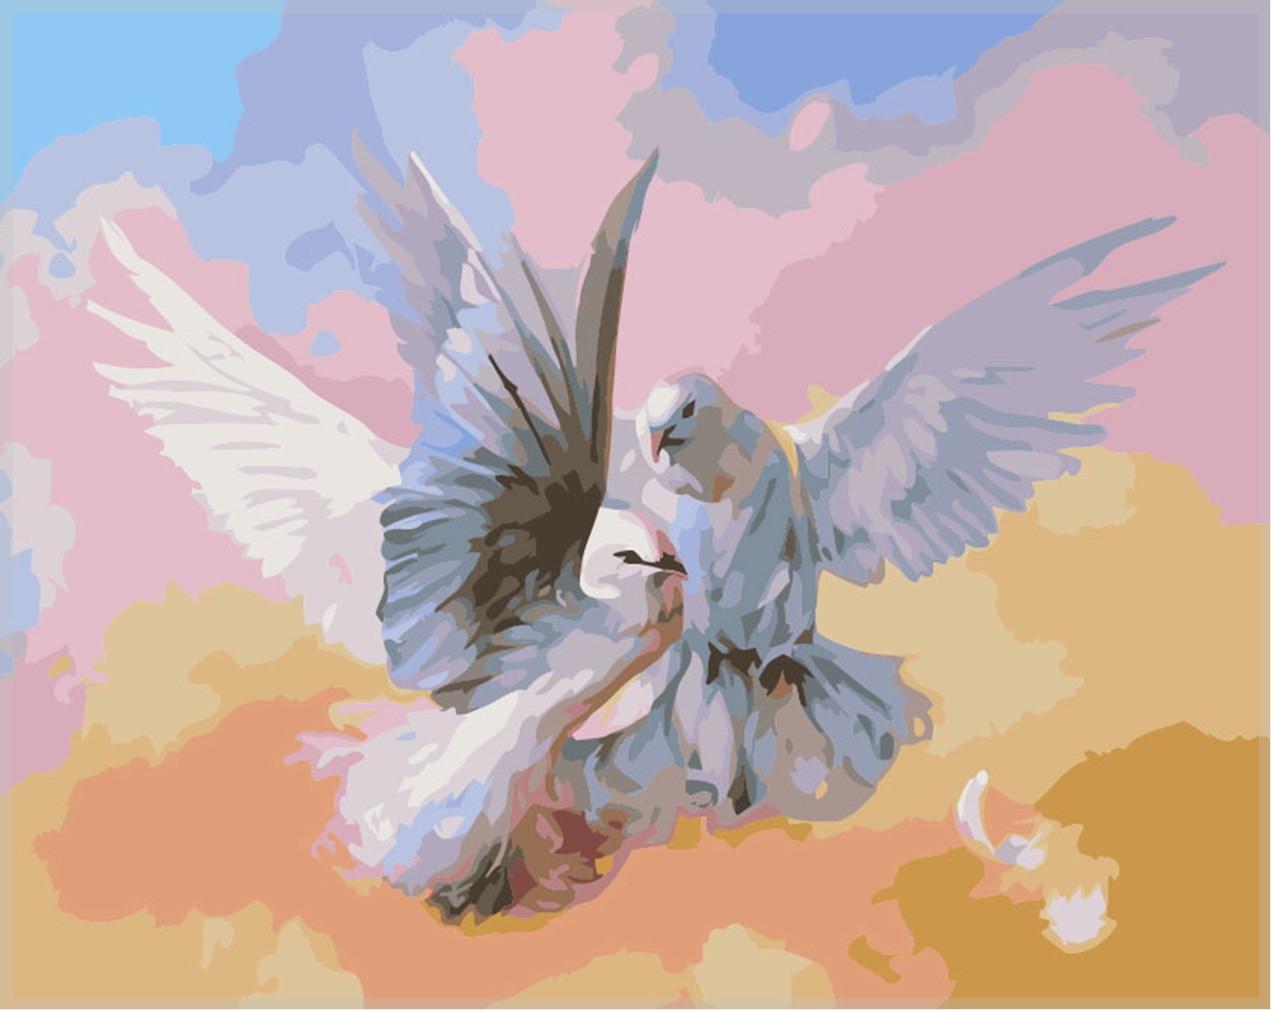 Картина по номерам Babylon Влюбленные голубки 40*50 см (в коробке) арт.SW007